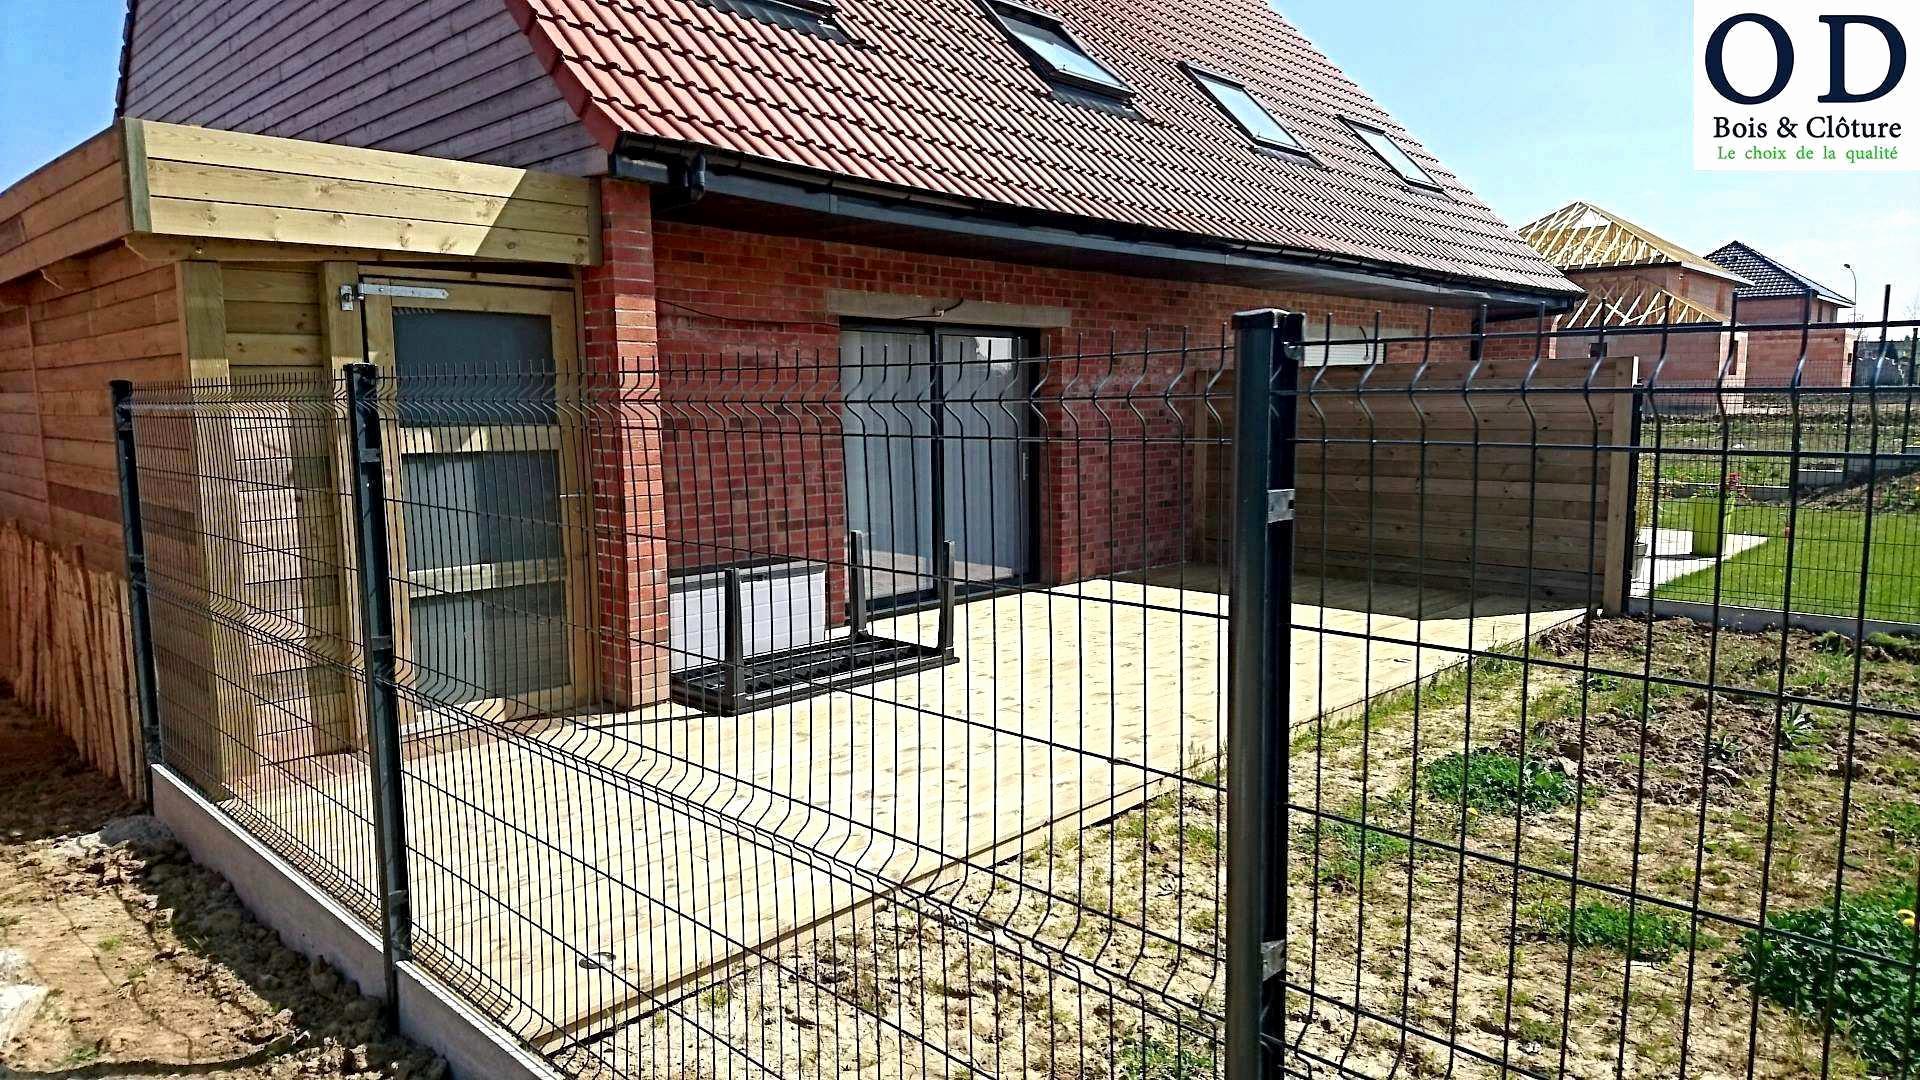 construire un toit terrasse meilleur de construire un toit terrasse construire garage bois toit plat plan de of construire un toit terrasse